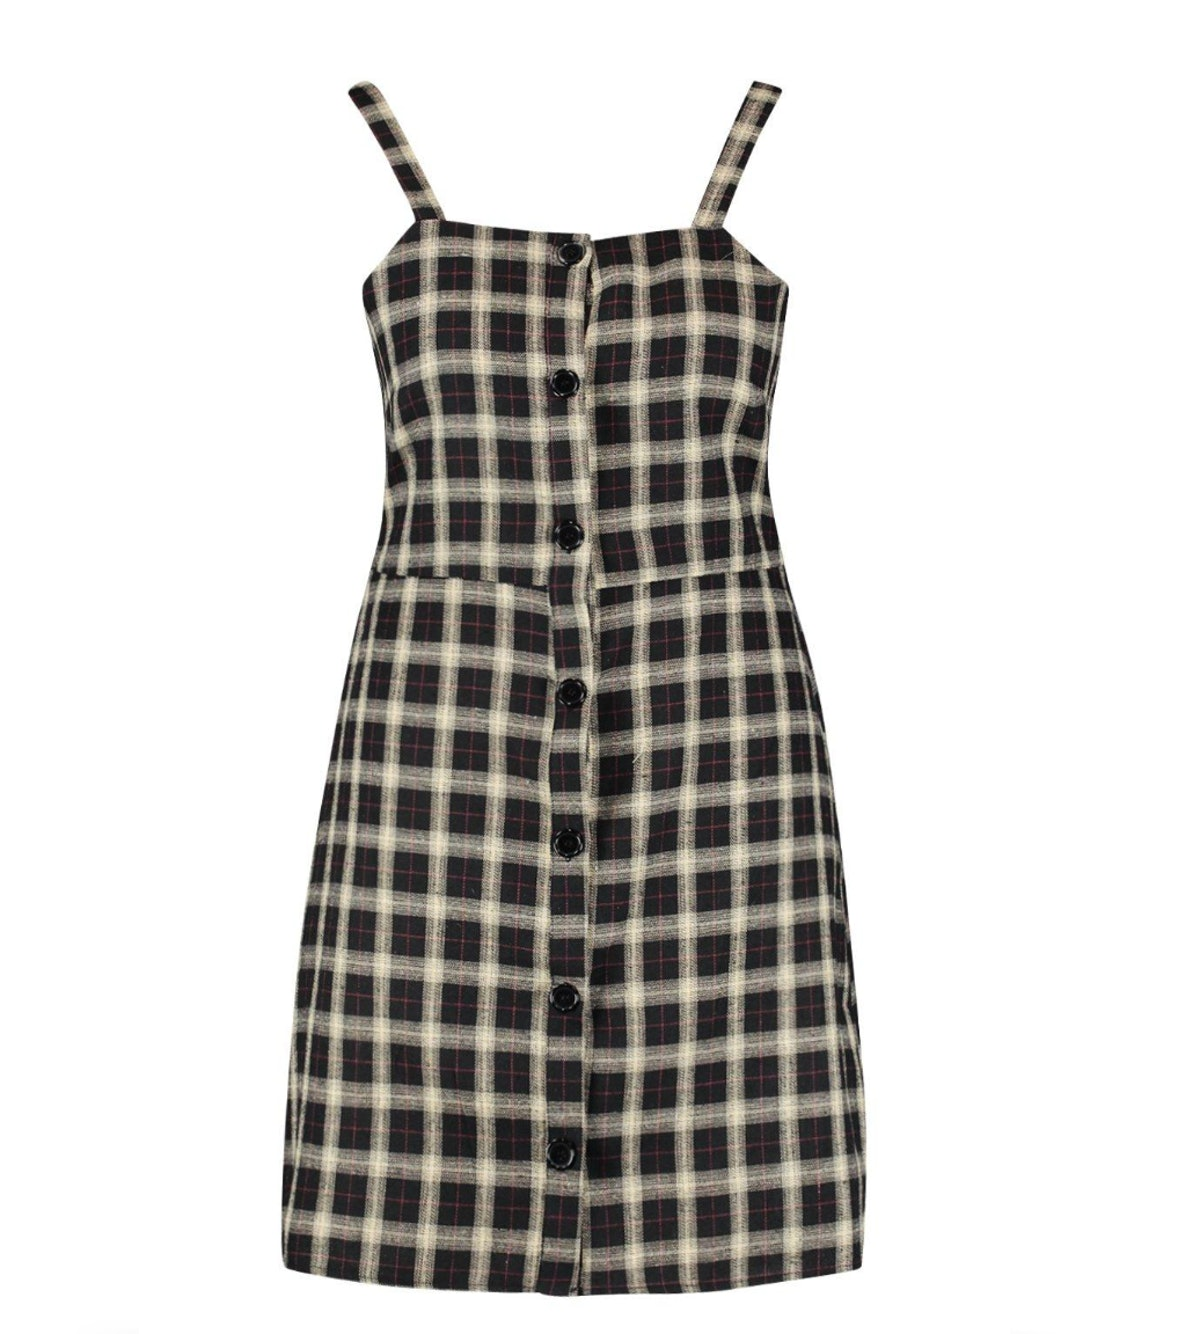 Plus Button Down Check Print Pinafore Dress